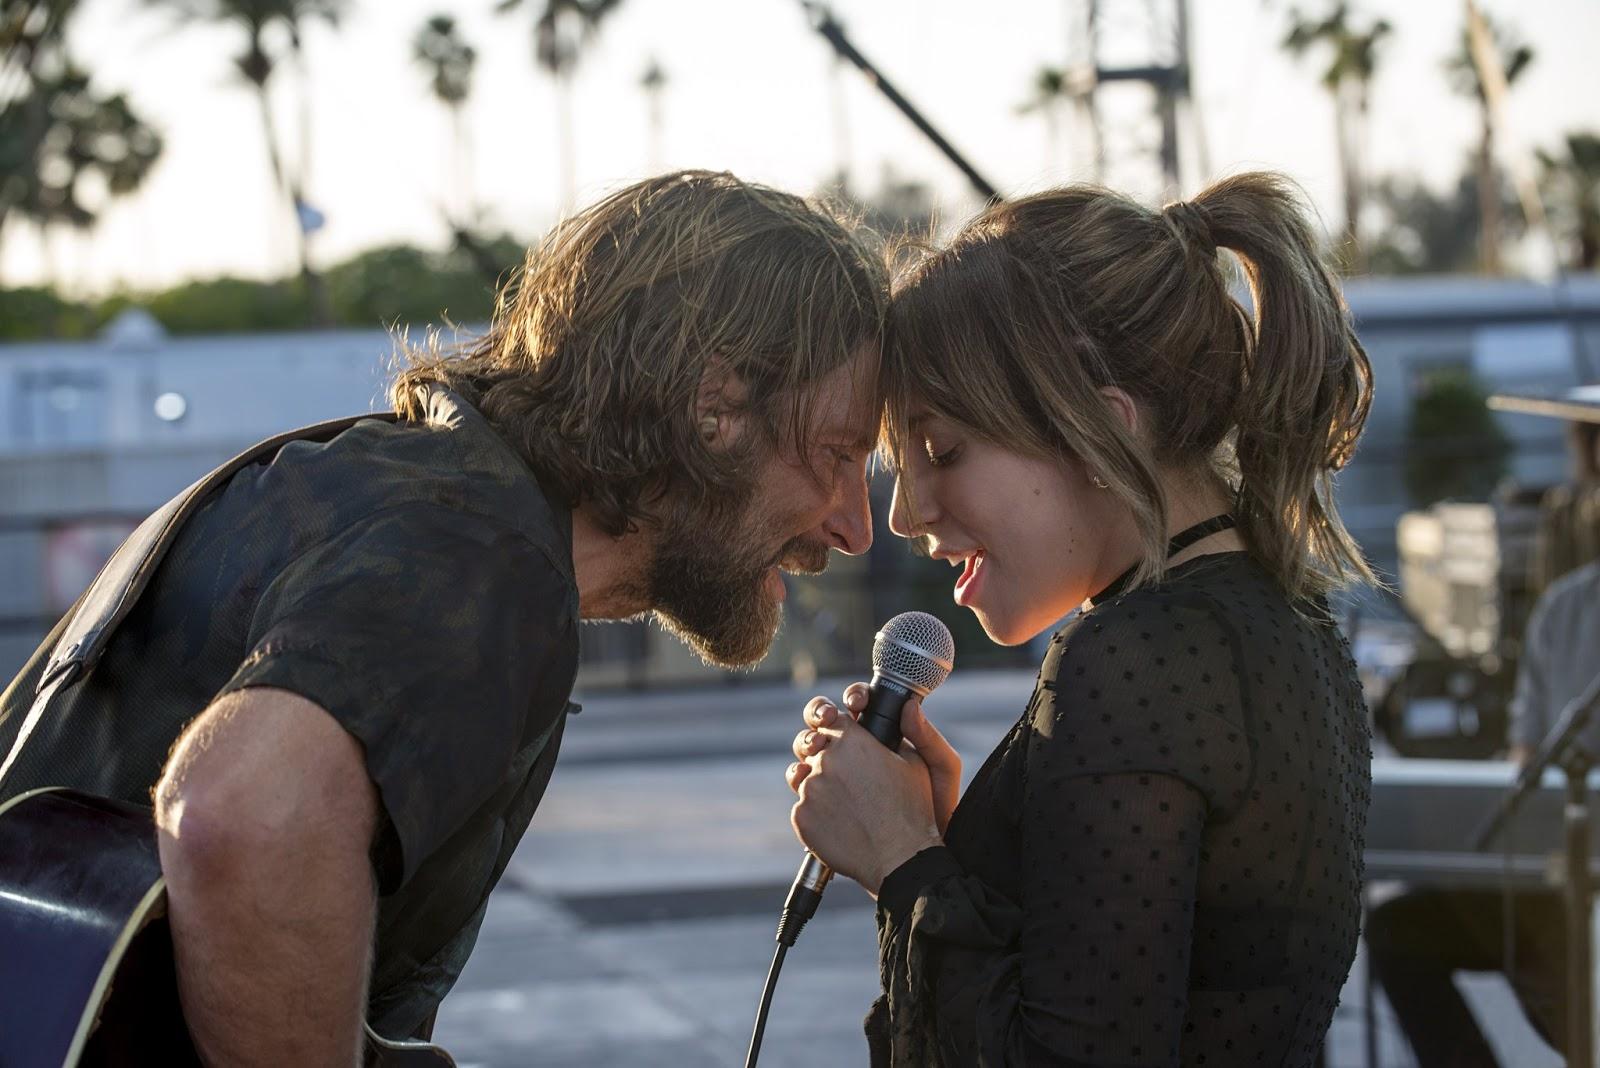 Ha nacido una estrella - Bradley Cooper y Lady Gaga